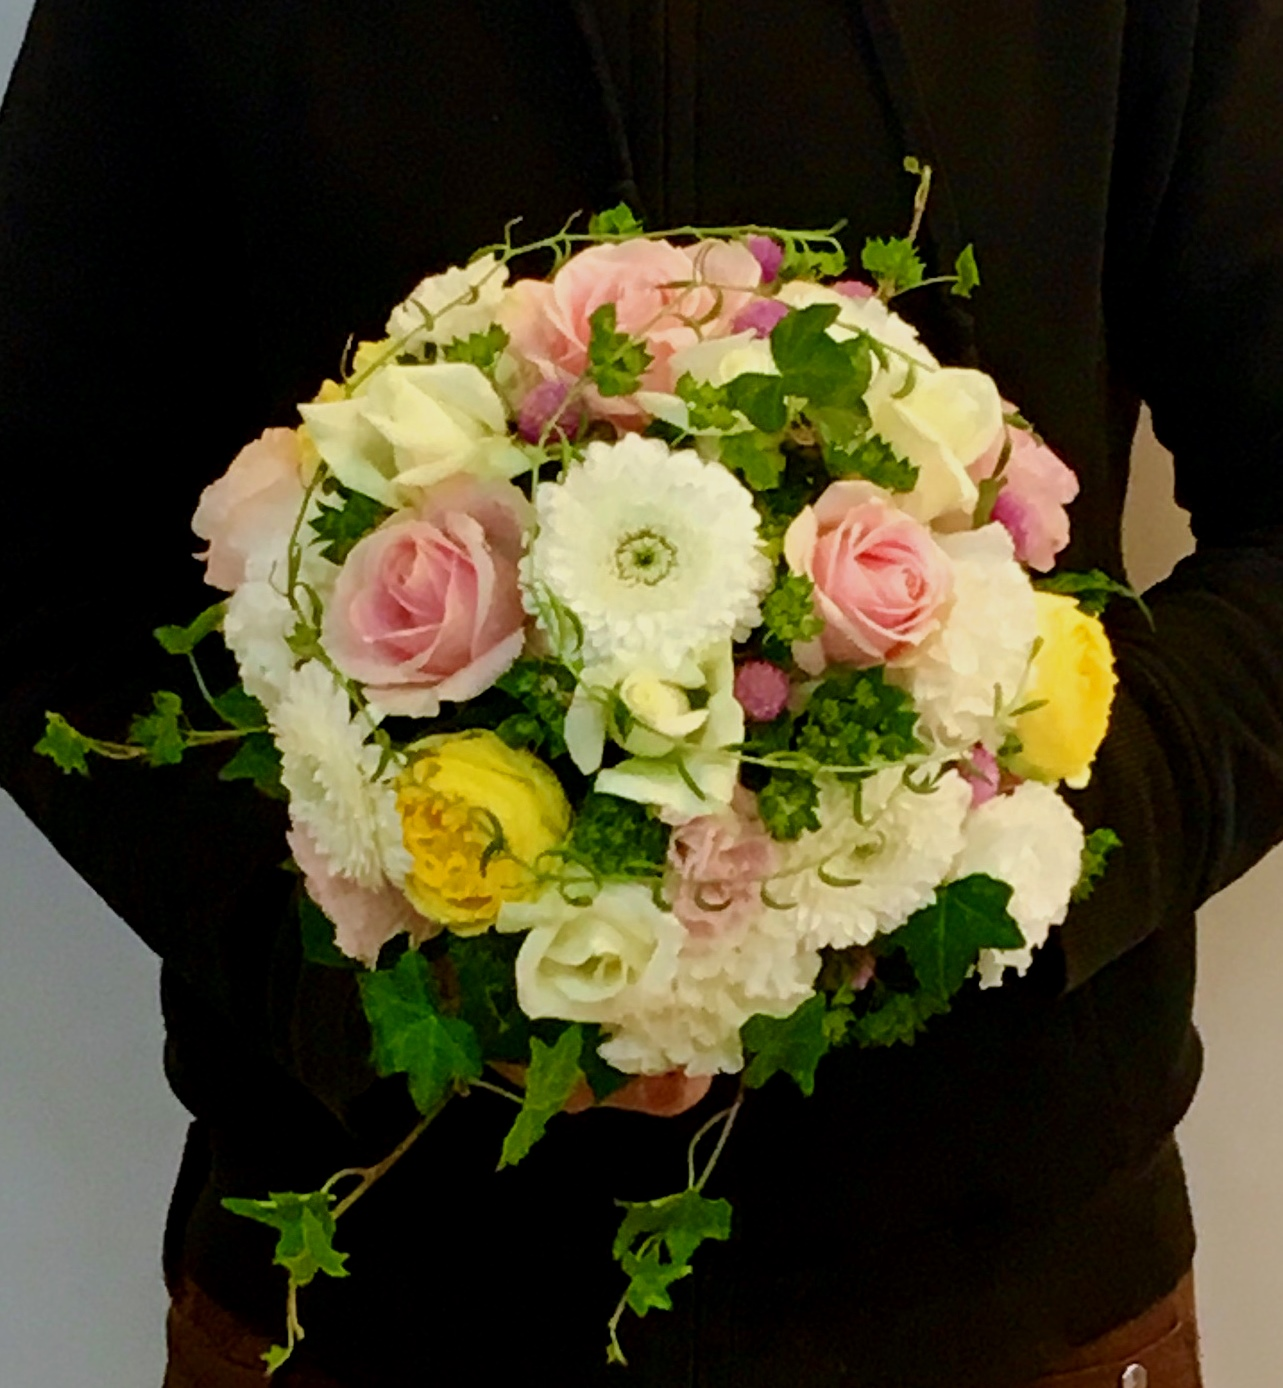 【ナオ花屋の納品事例193】ロイヤルホールヨコハマへウエディングブーケを配達しました!